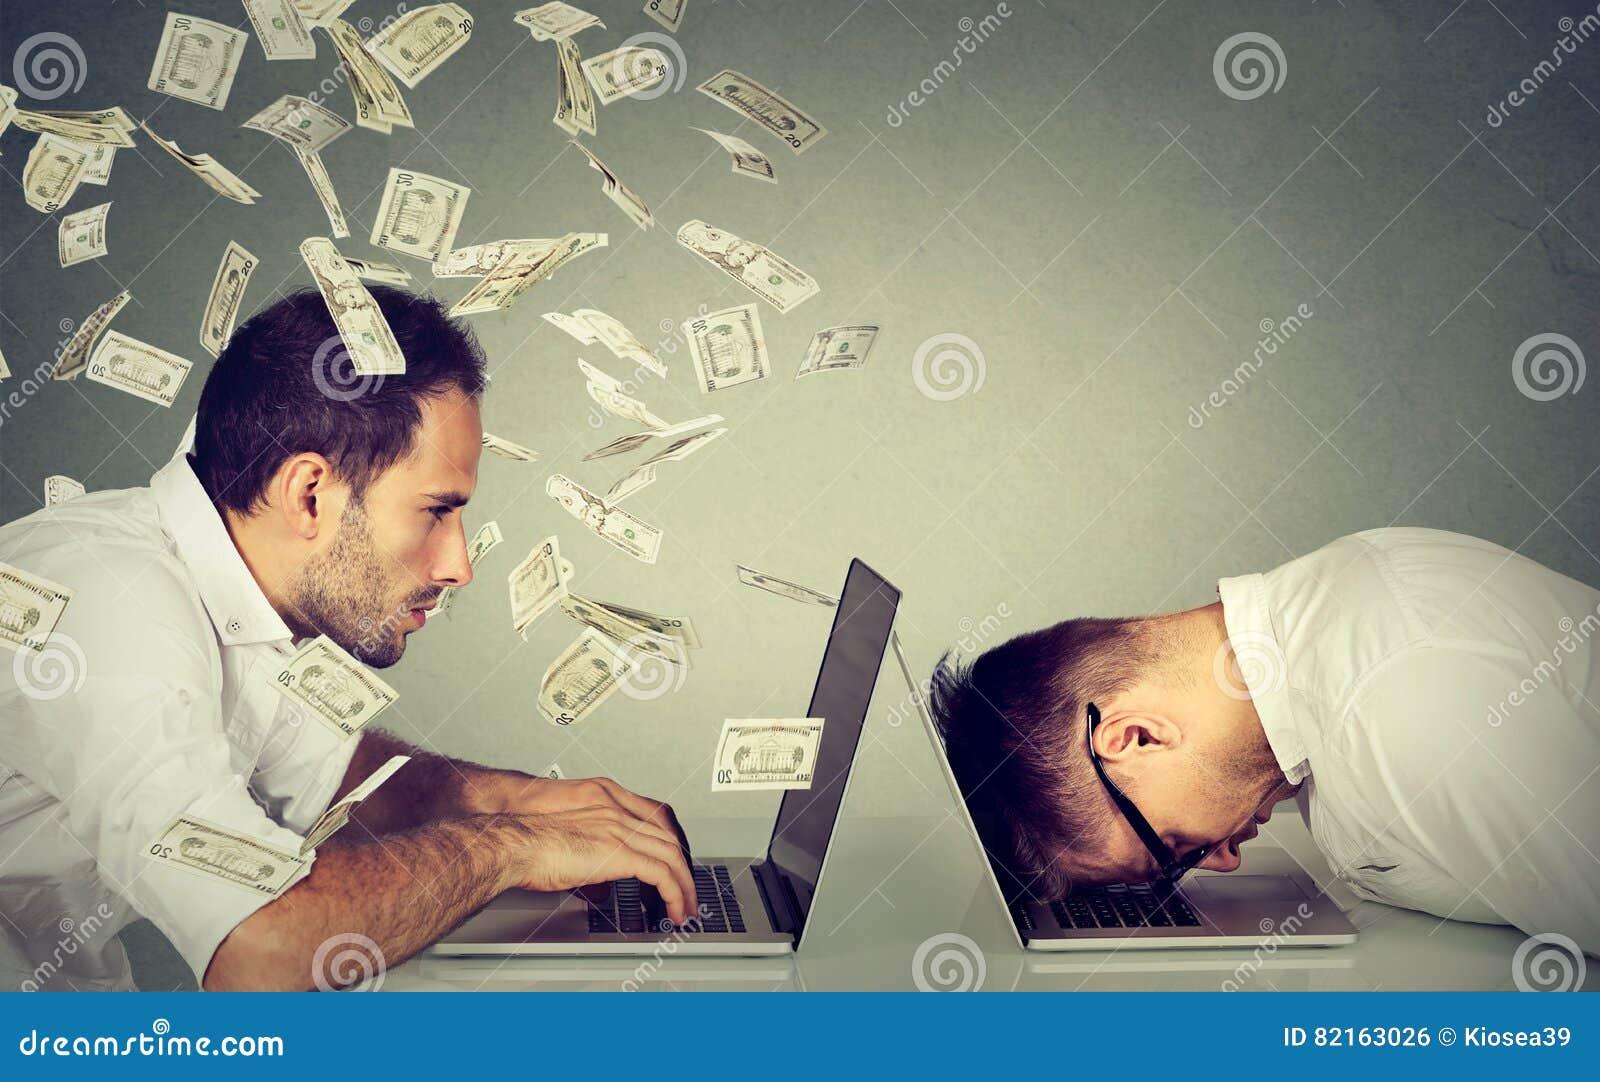 雇员收入报偿概念 薪水辛苦薪金区别